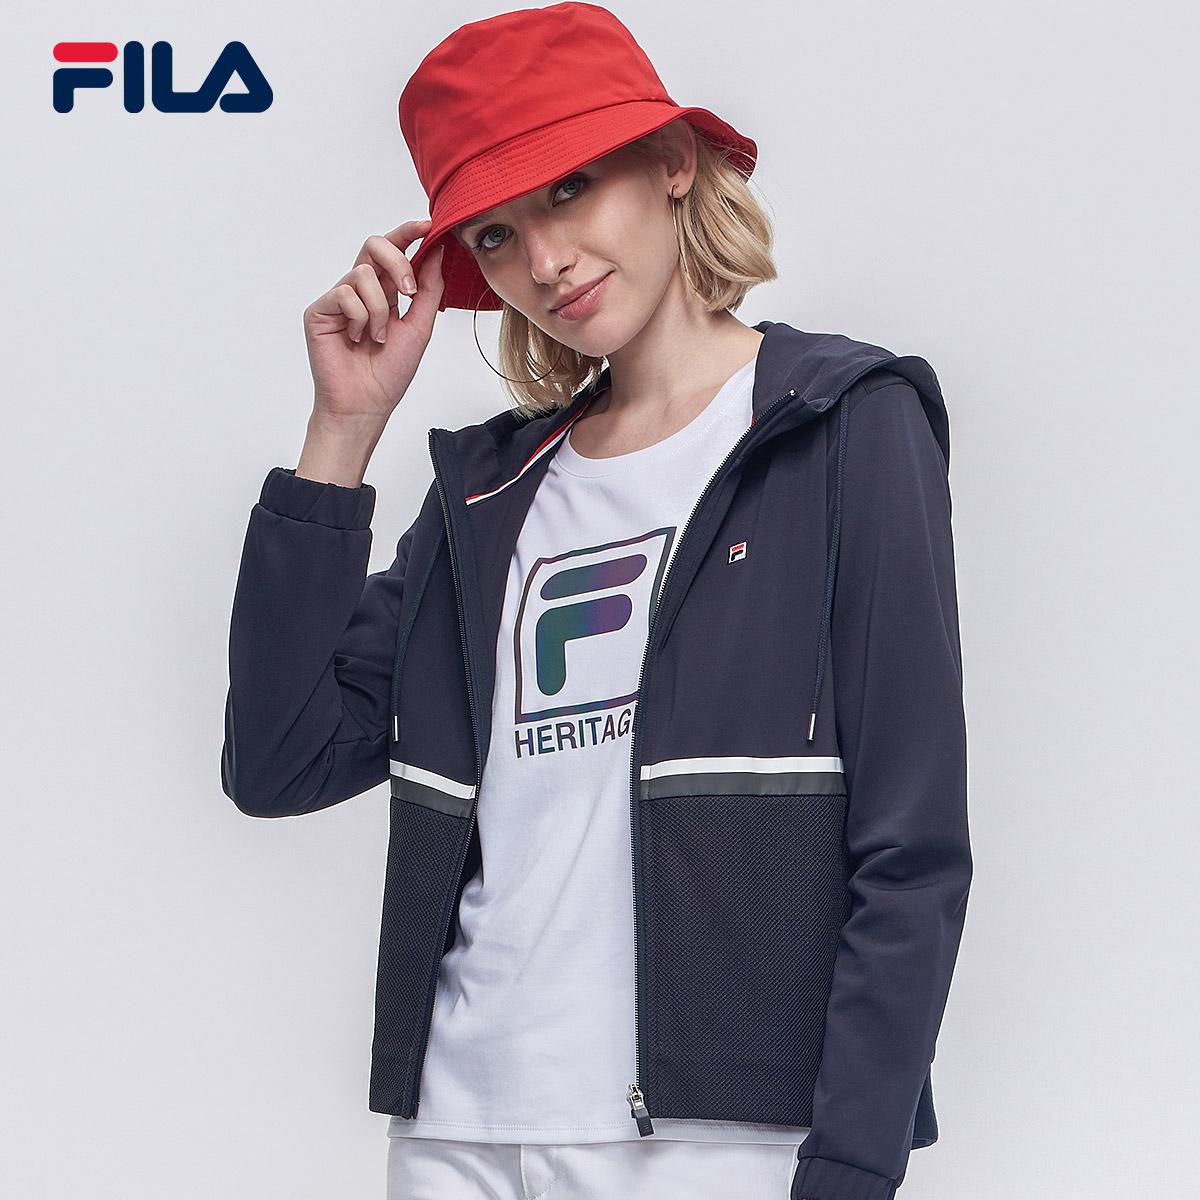 FILA斐乐女外套2018秋季新款休闲运动透气舒适时尚外套女